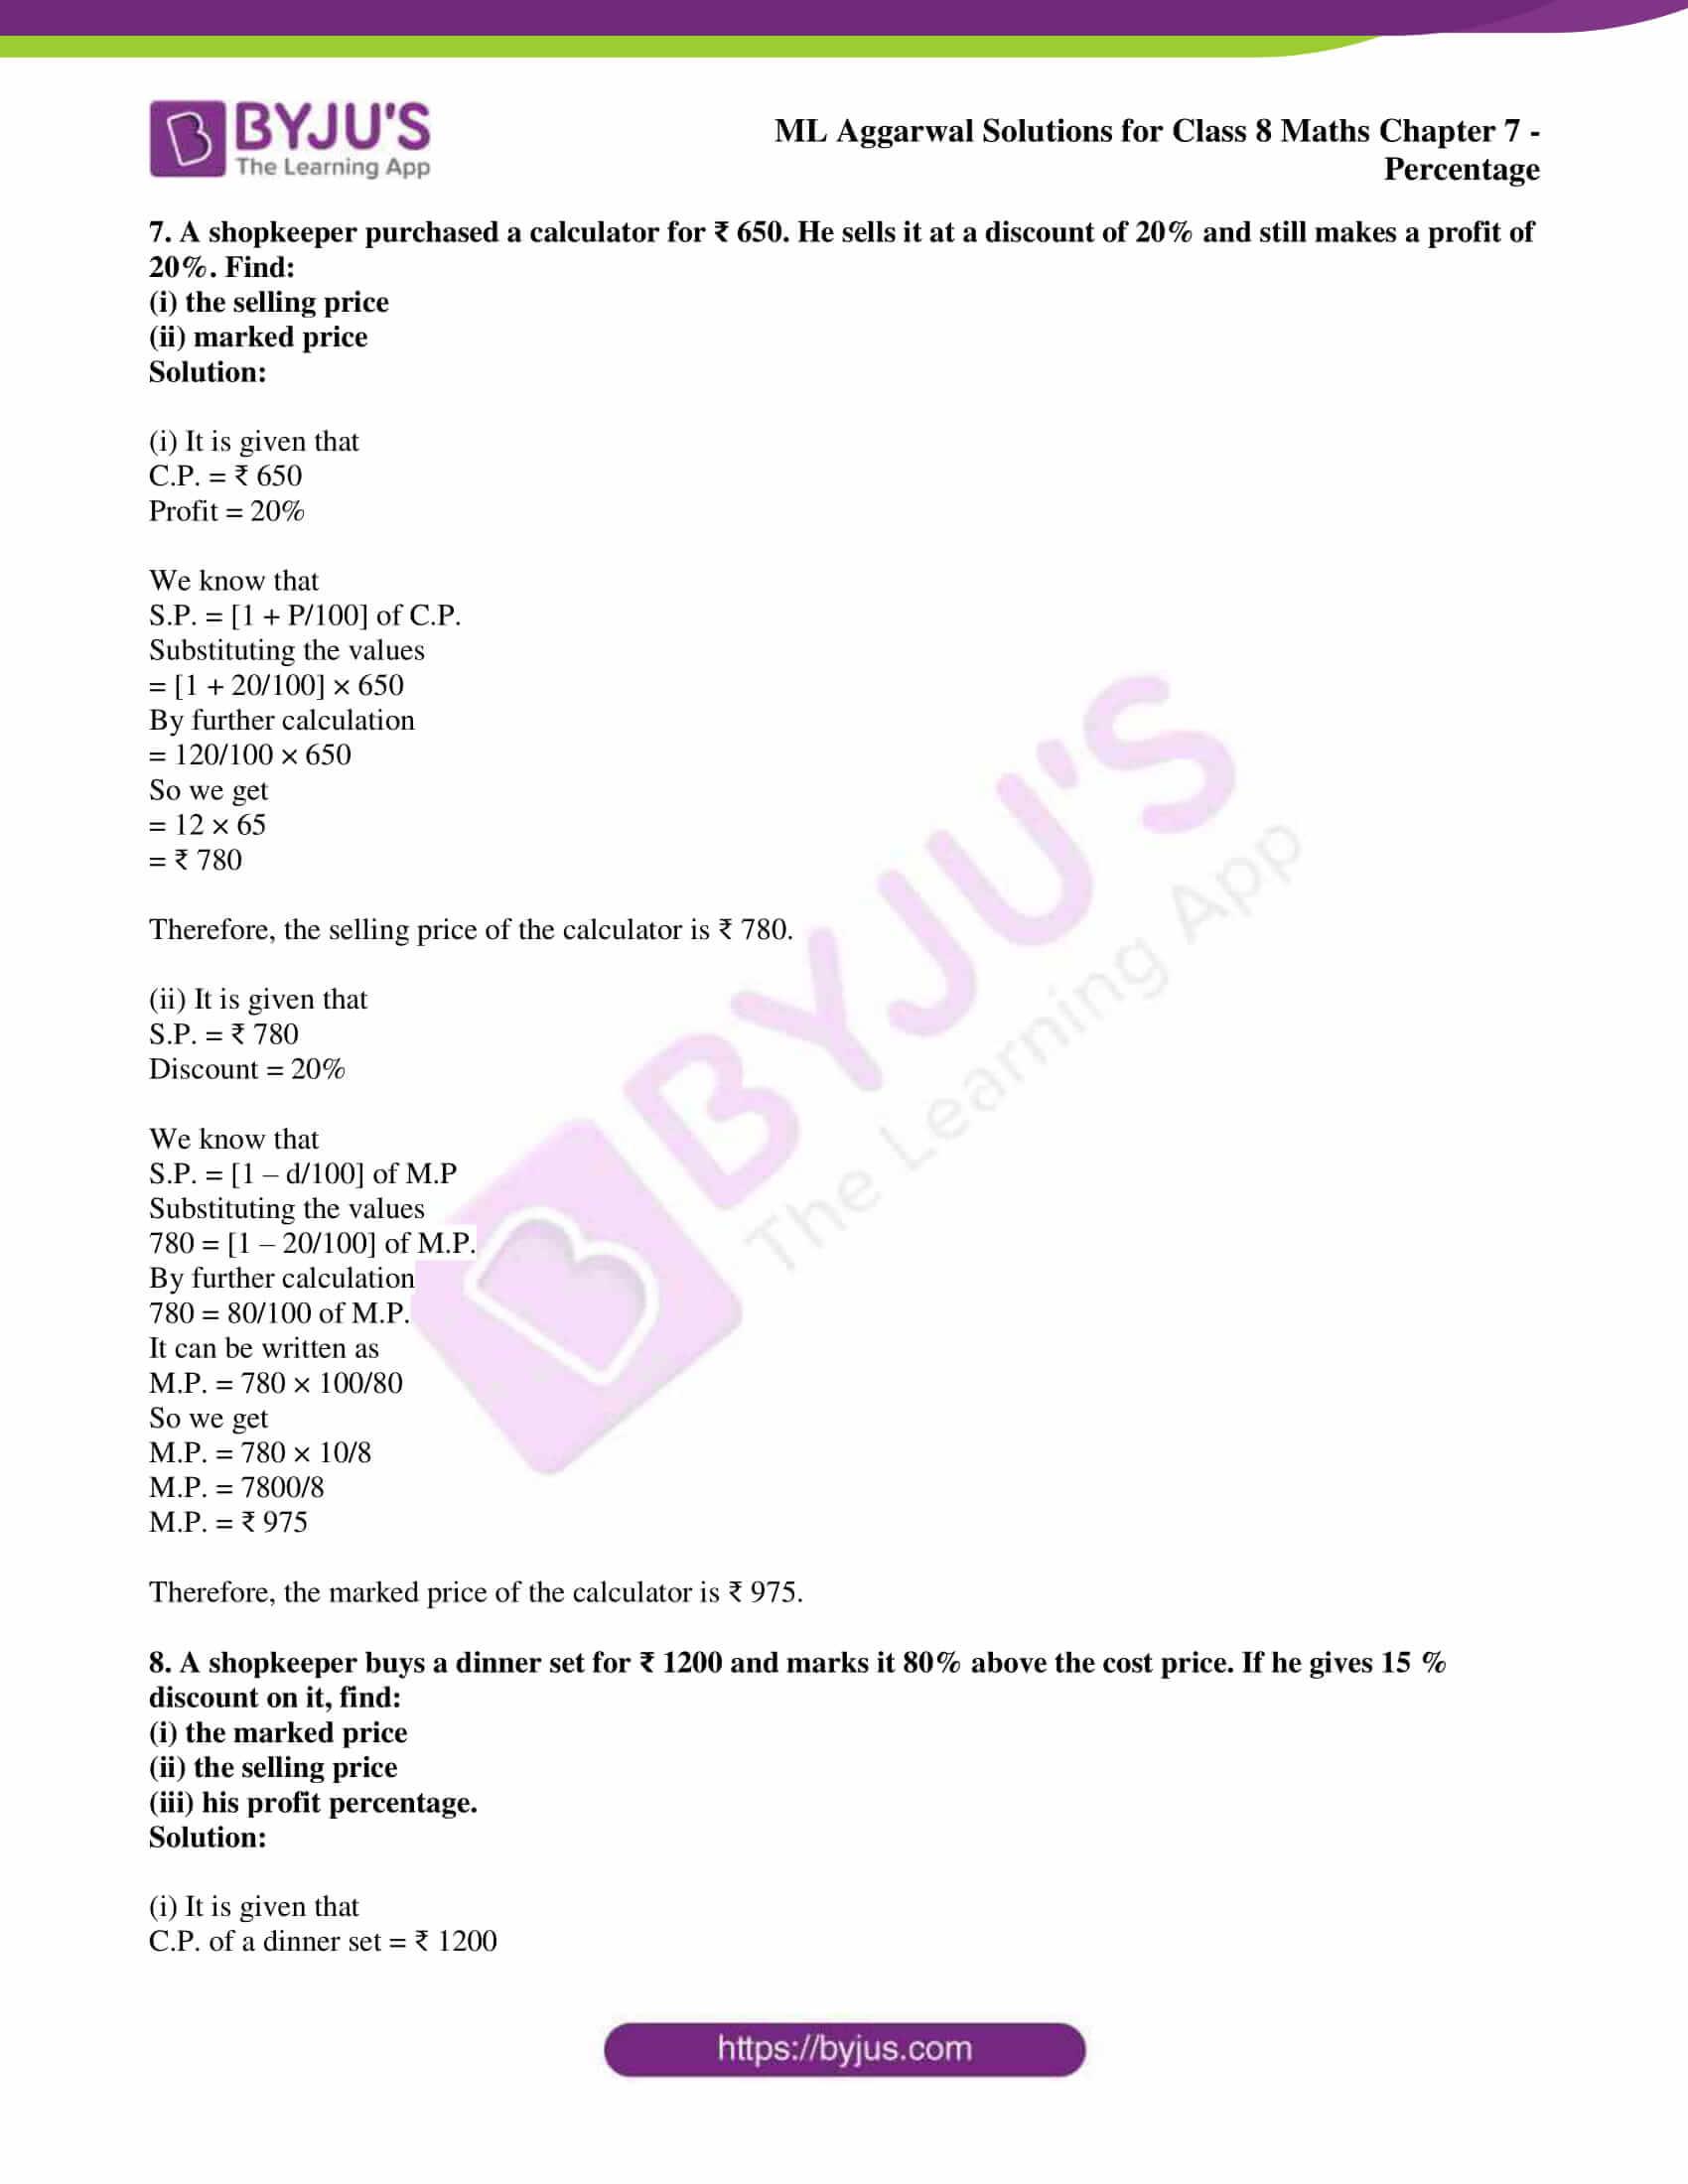 ml aggarwal sol mathematics class 8 ch 7 27